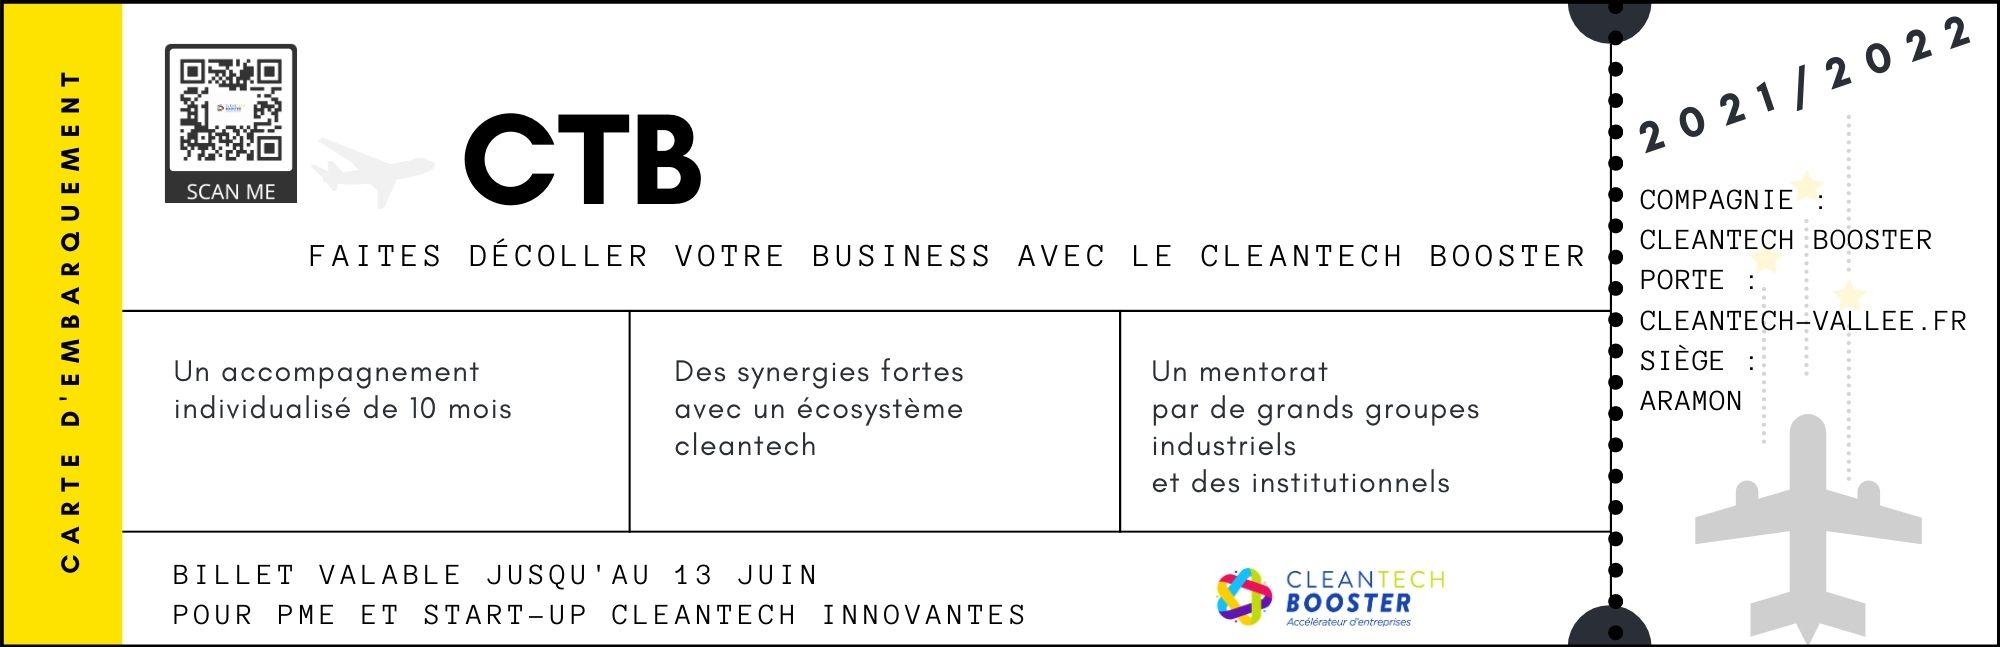 Candidatez au CleanTech Booster et faites décoller votre business ! ✈️